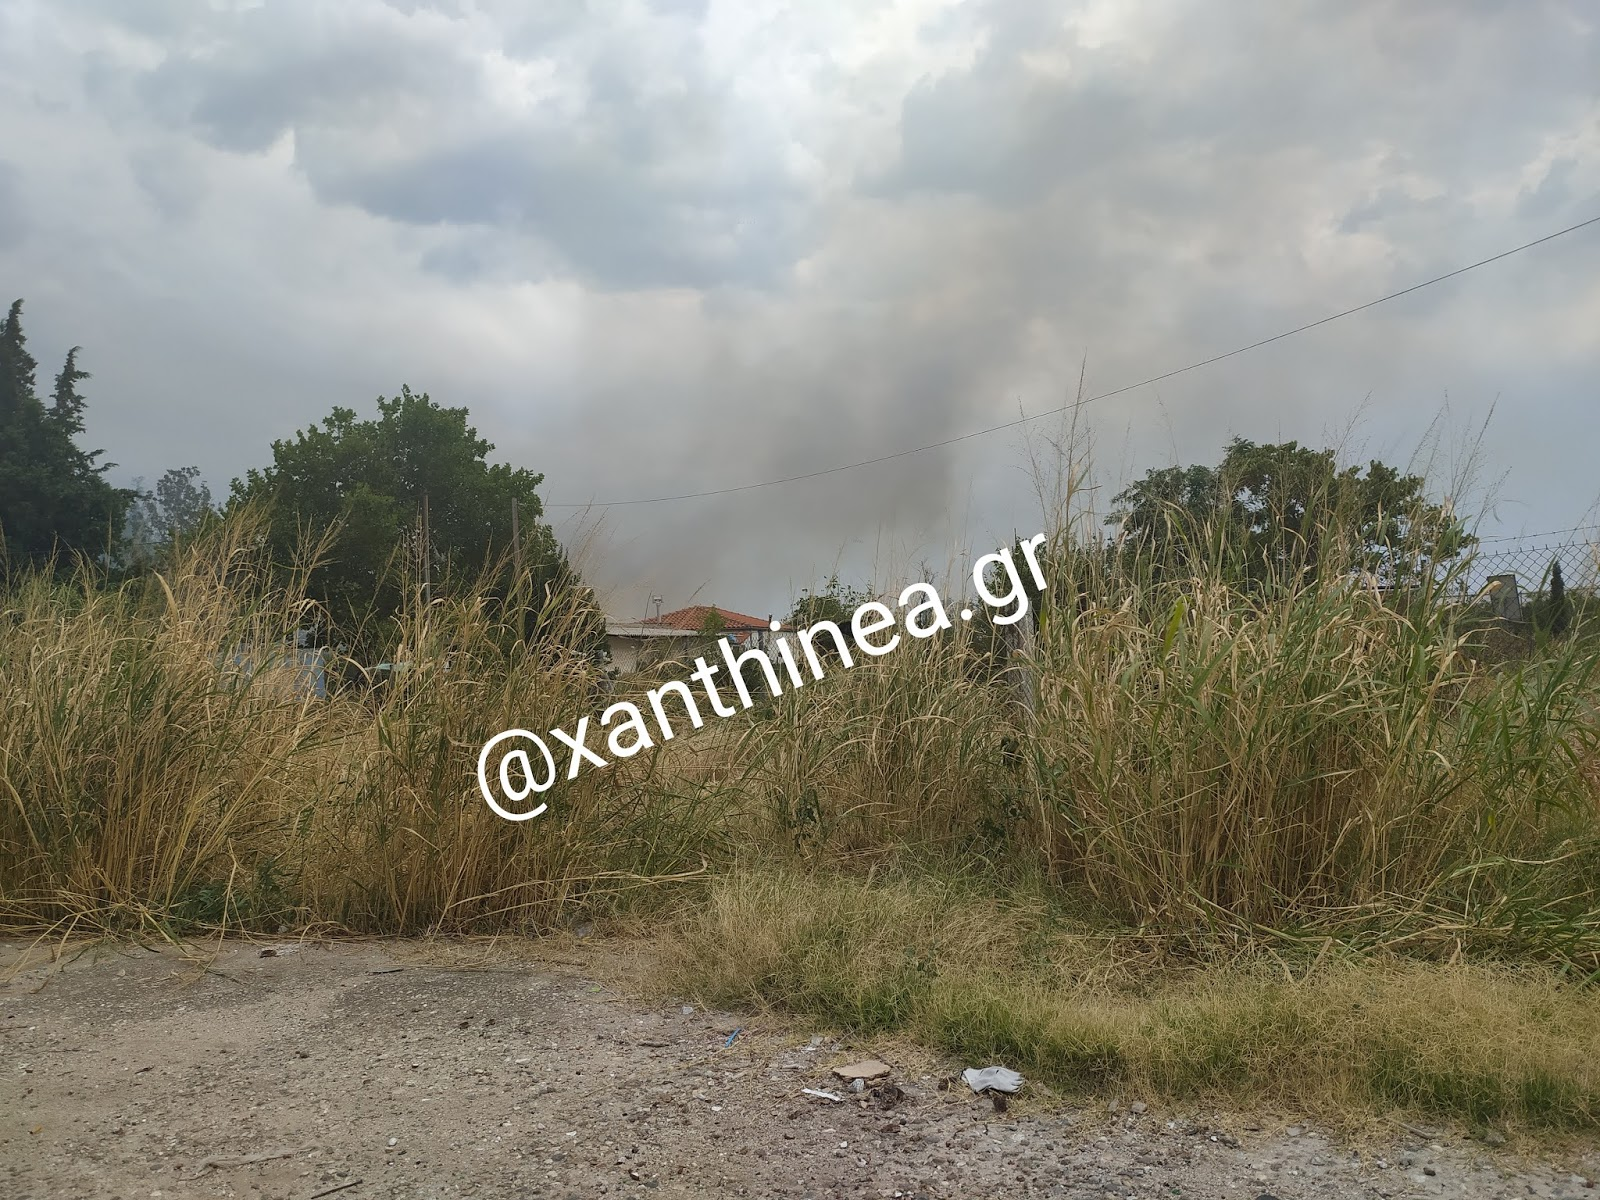 Μεγάλη πυρκαγιά στο φυτώριο της Ξάνθης - ΒΙΝΤΕΟ